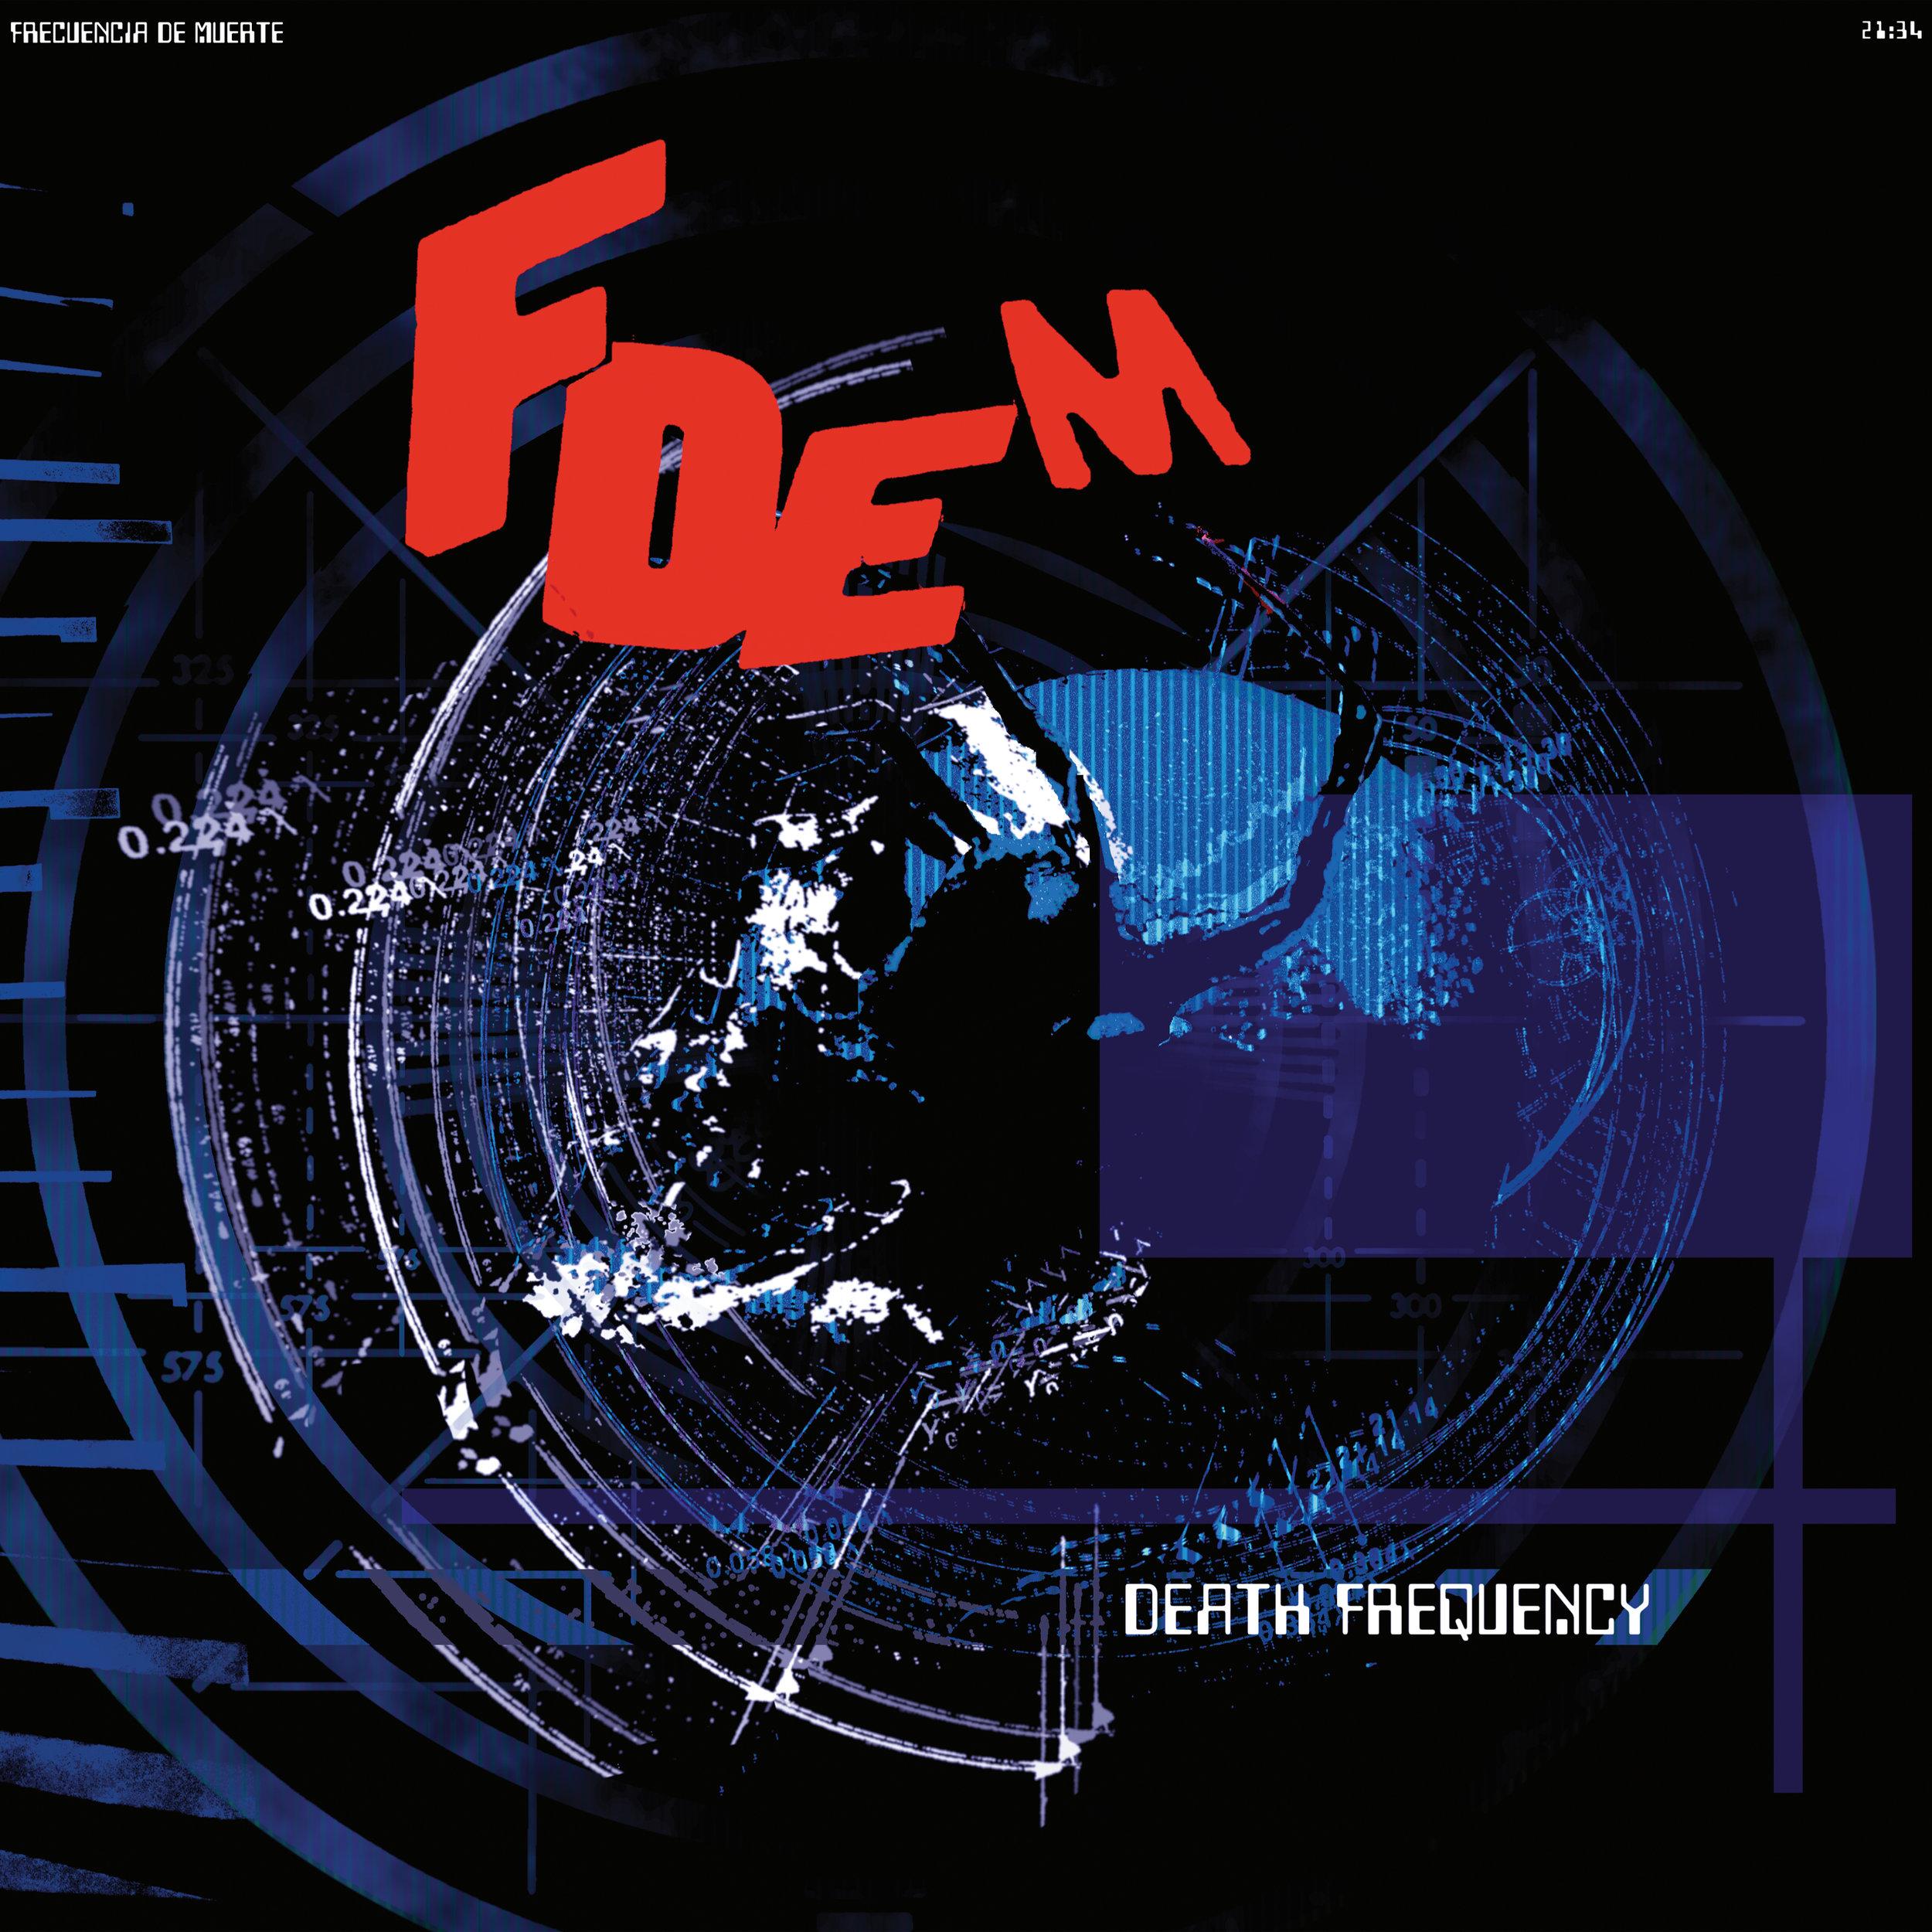 FDEM Front Cover.b31bc404006d498c977bac89af56e880.jpg